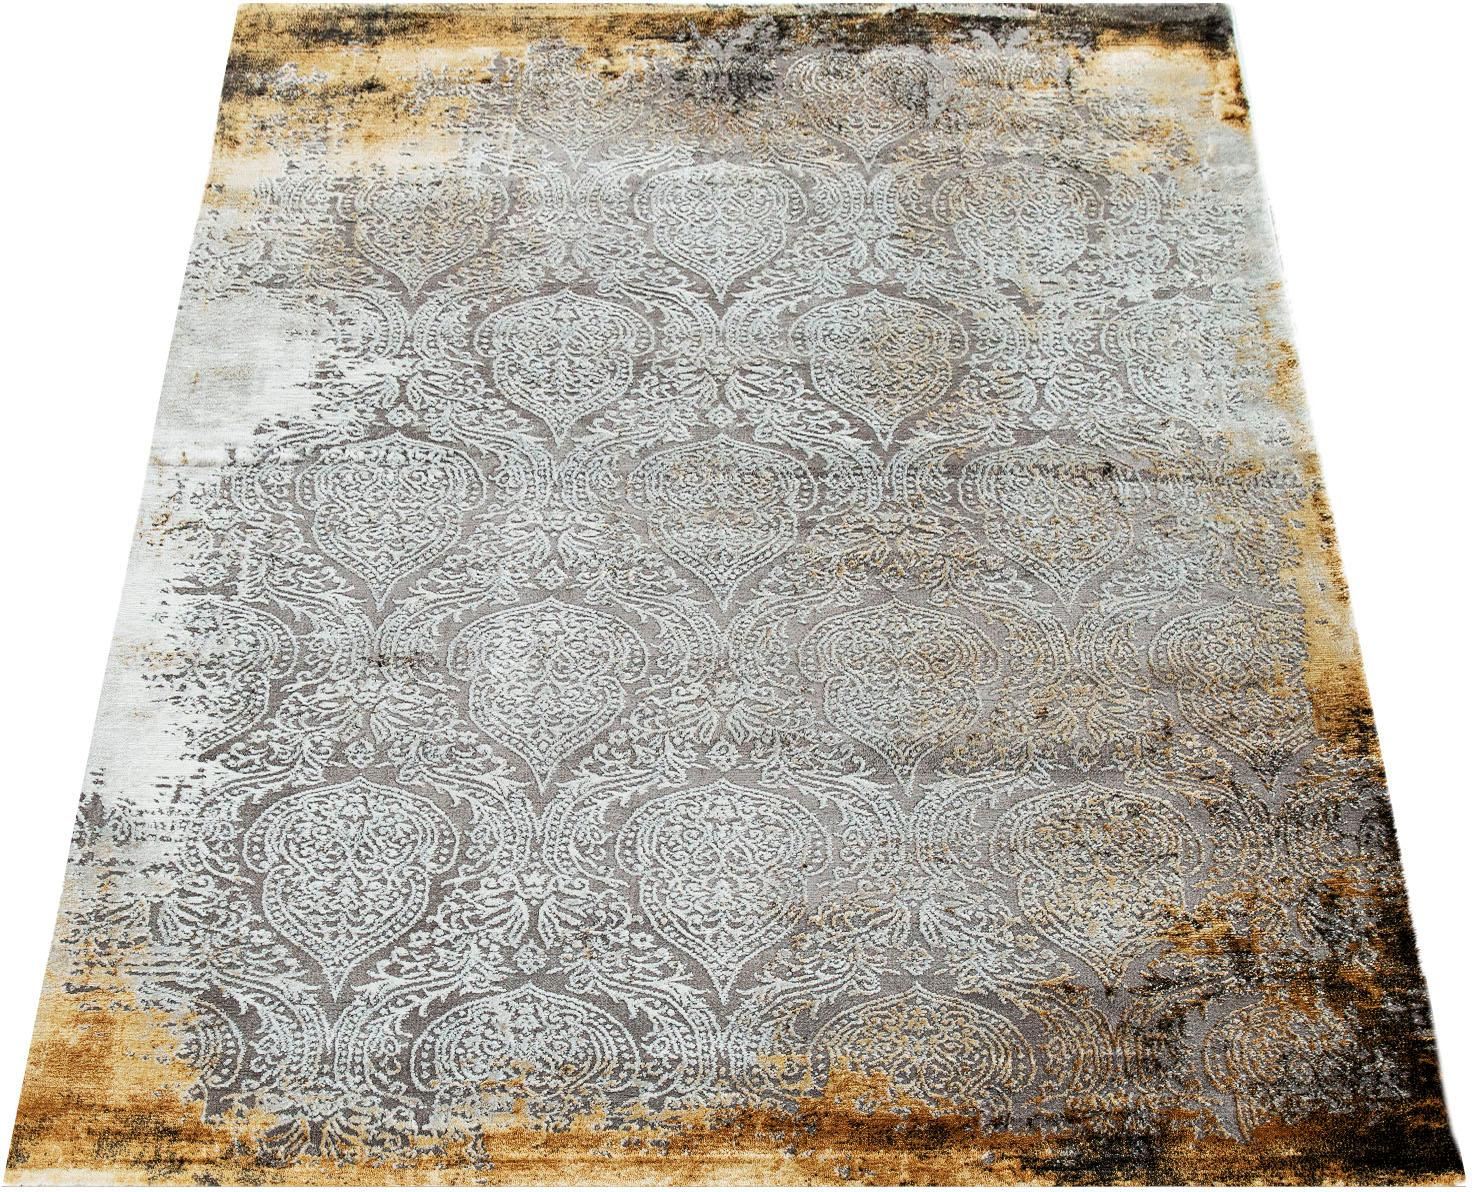 Teppich Crayon 455 Paco Home rechteckig Höhe 15 mm maschinell gewebt